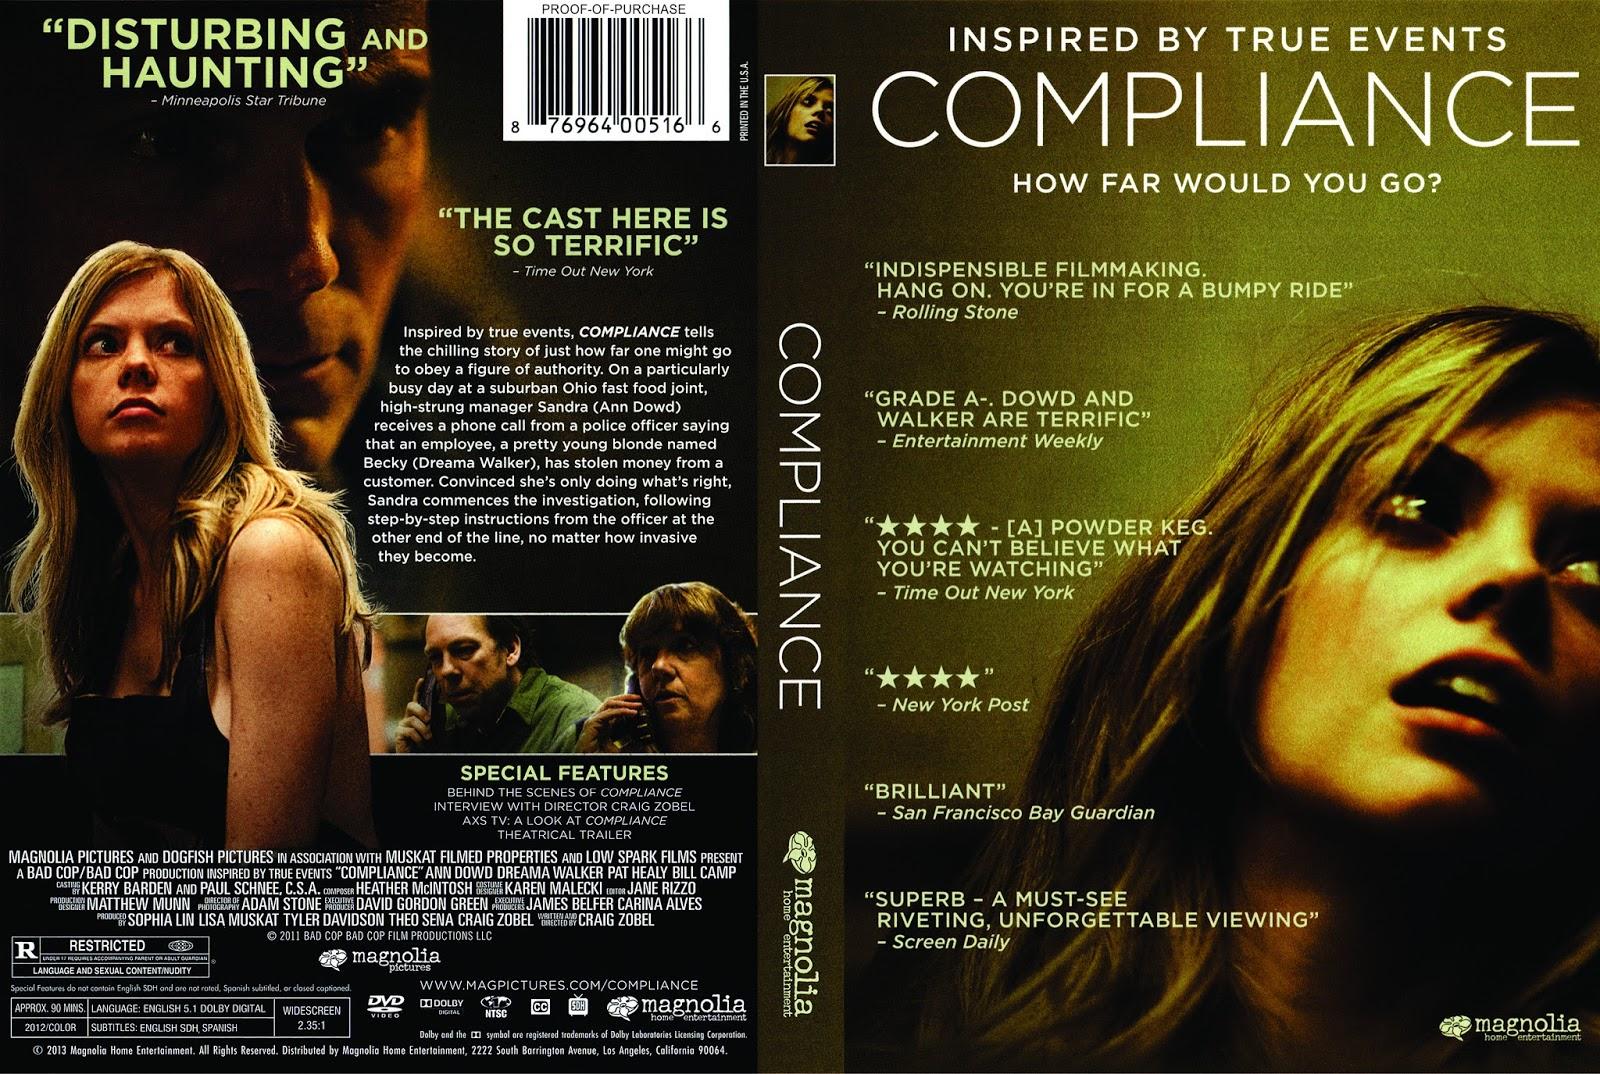 053d46f12c COMPLIANCE (2012) LA PELÍCULA: OBEDIENCIA A LA AUTORIDAD, COMO EXCUSA DE LA  CRUELDAD. - INCLUYE PELÍCULA VÍA YOUTUBE